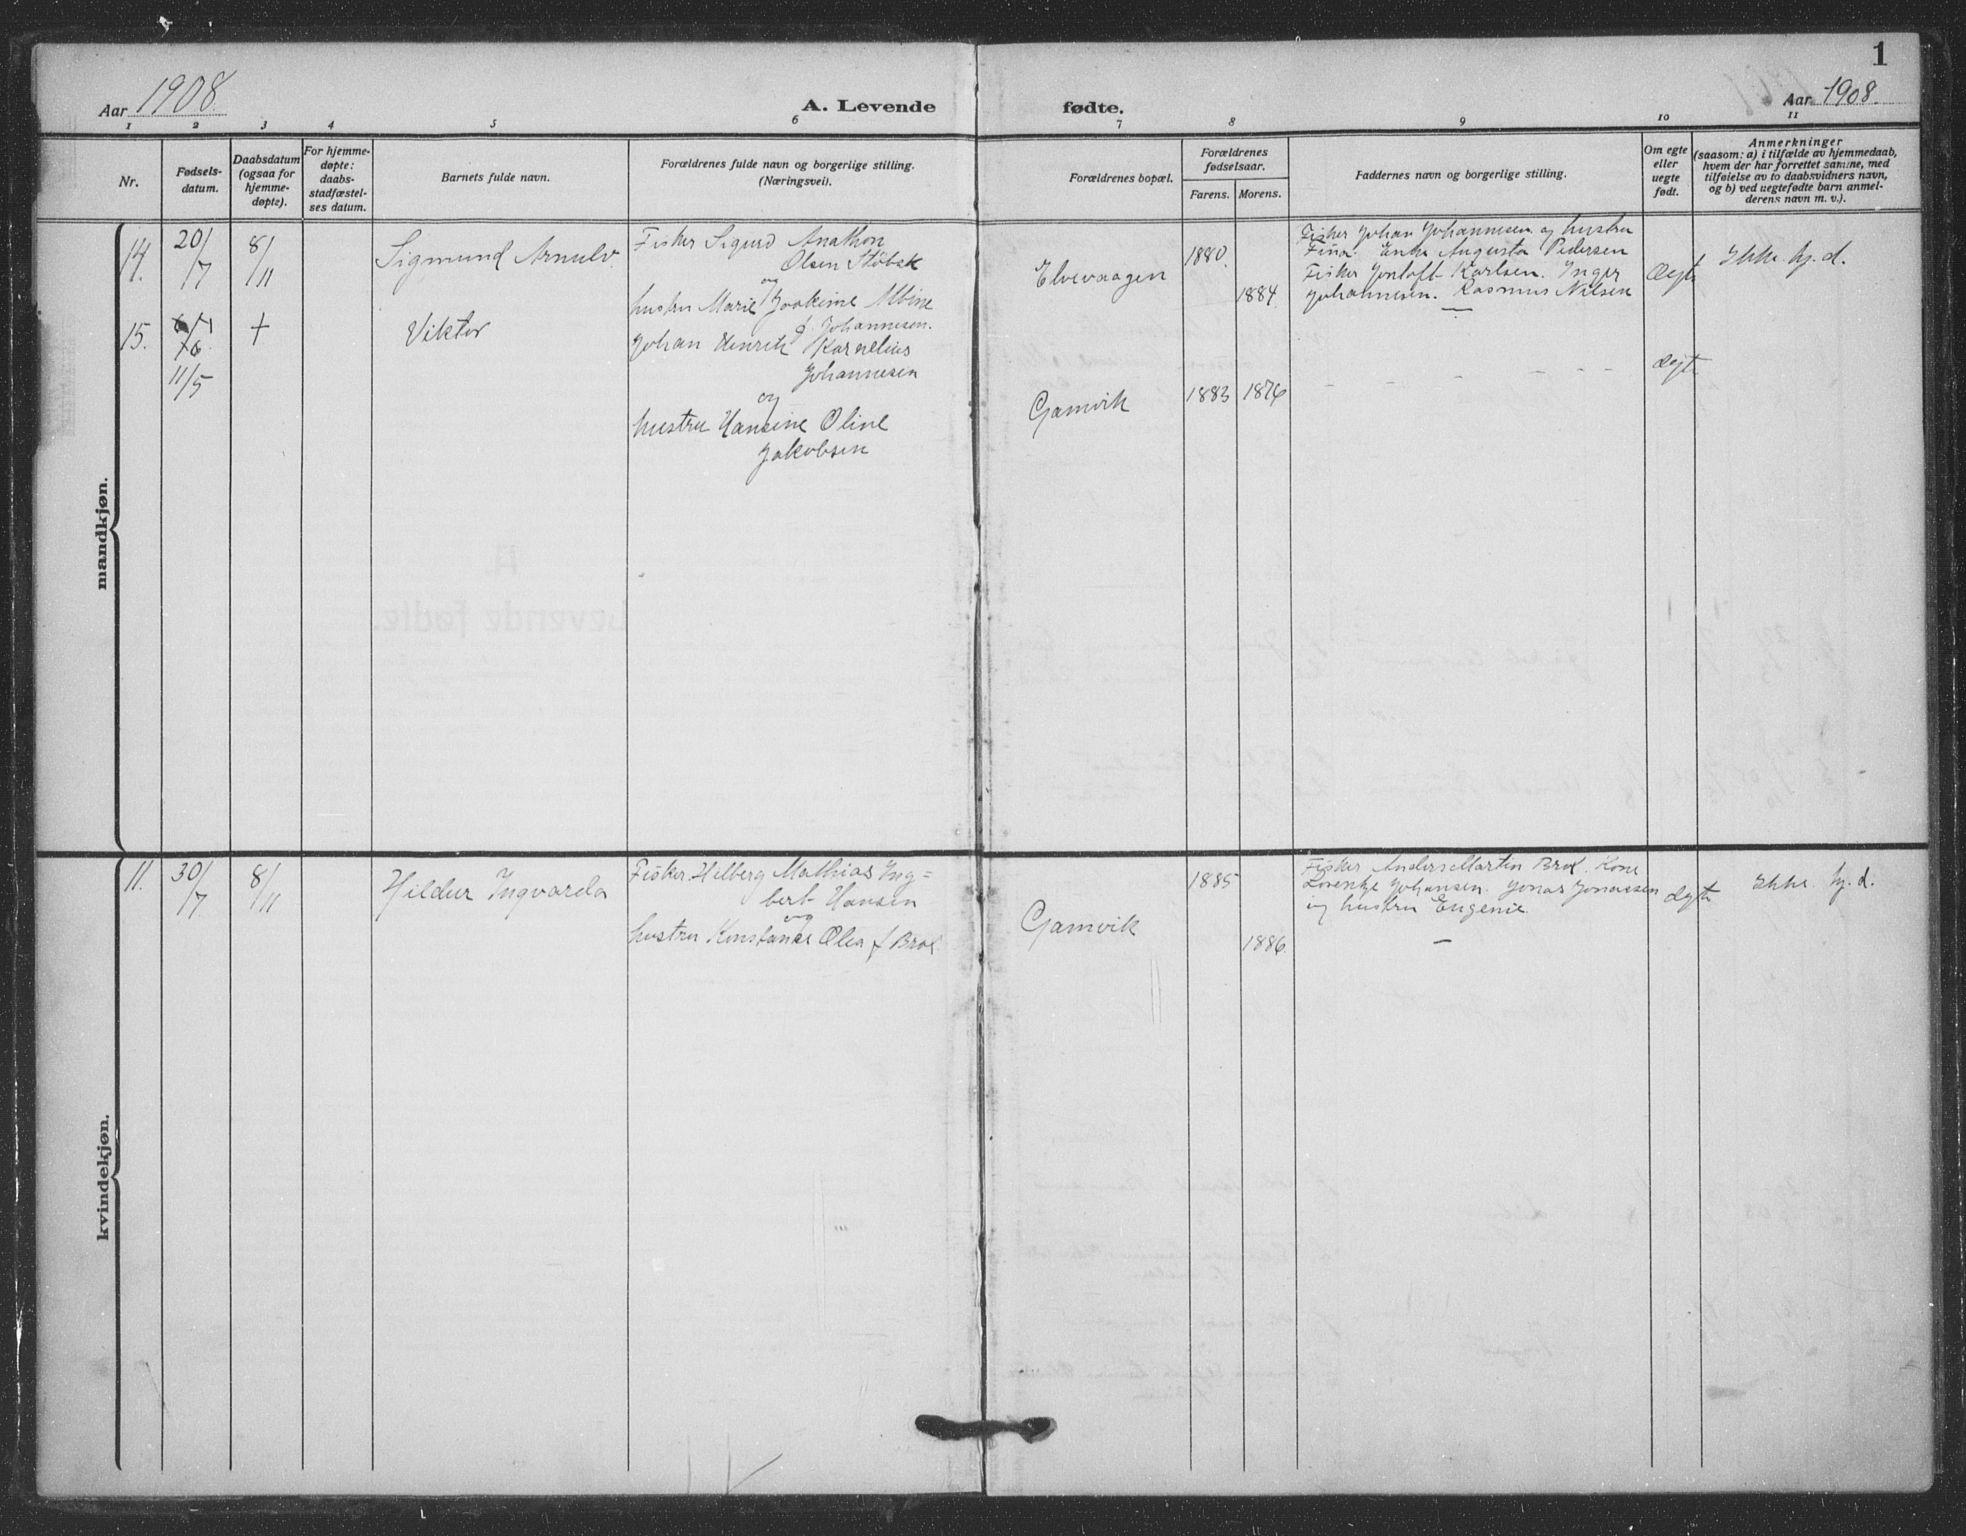 SATØ, Tana sokneprestkontor, H/Ha/L0008kirke: Ministerialbok nr. 8, 1908-1920, s. 1